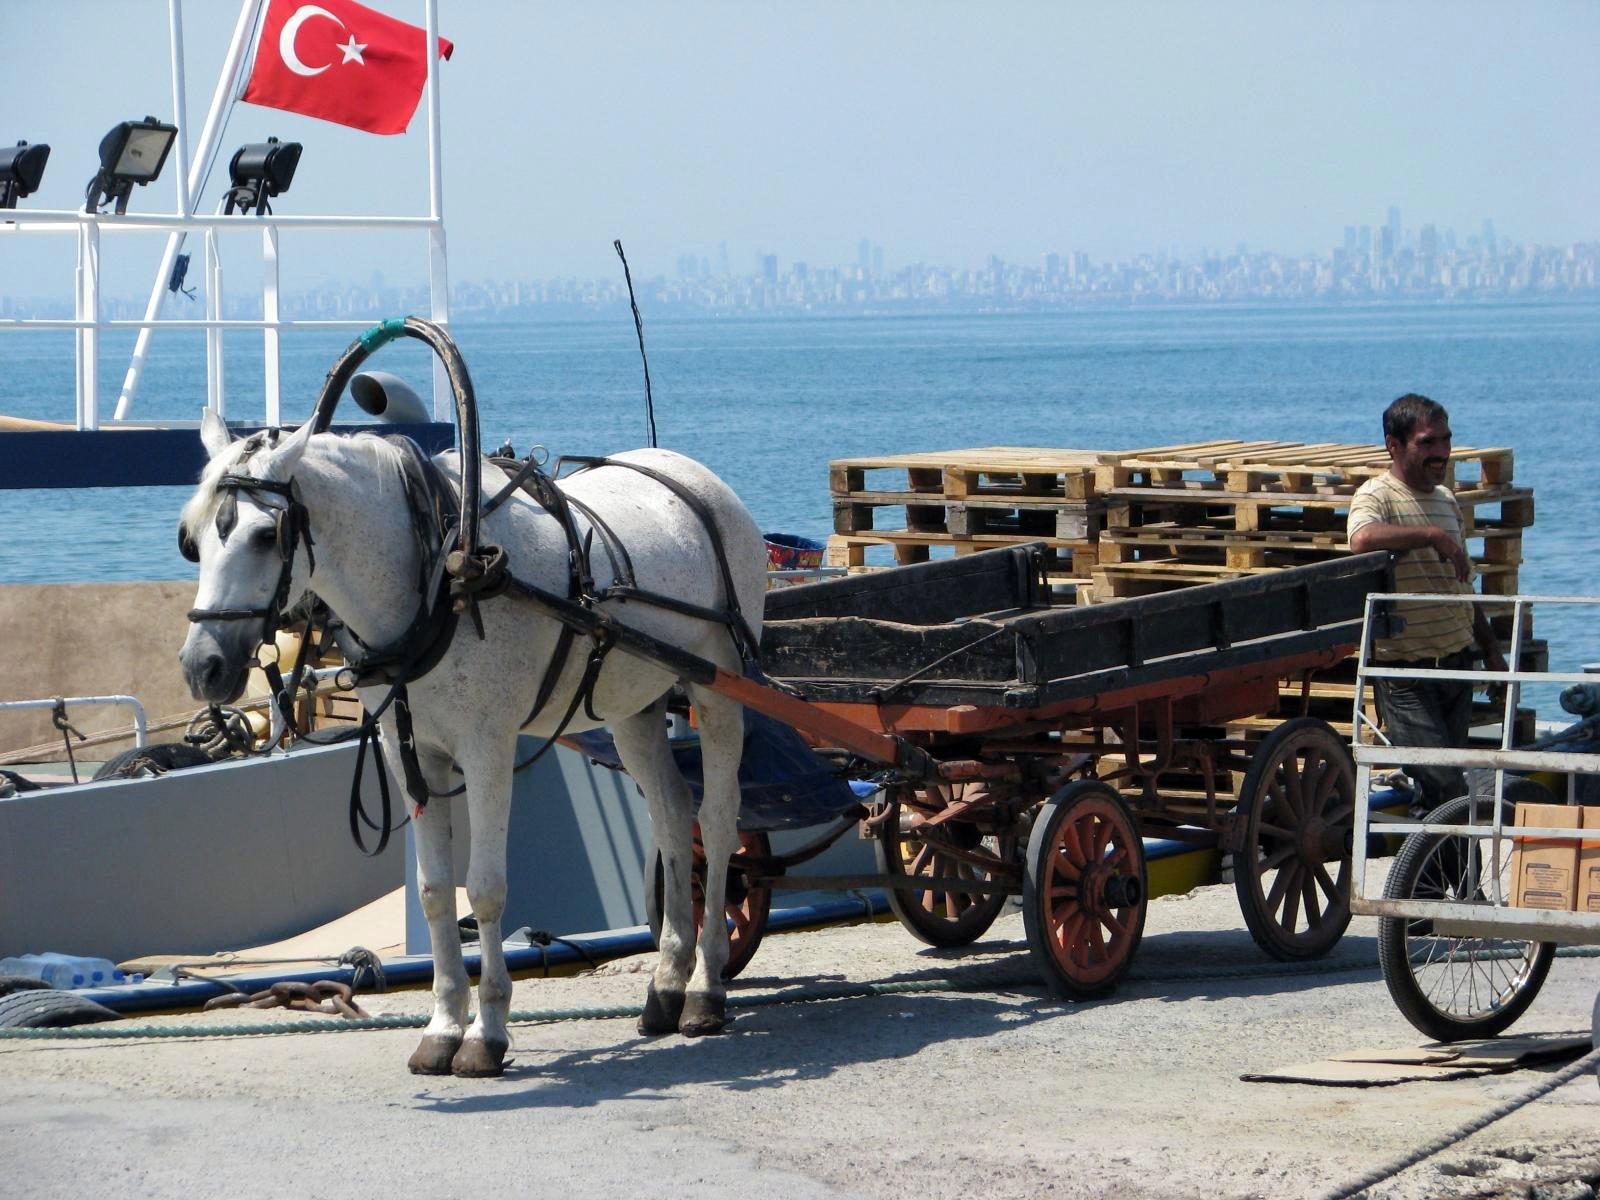 plus de 400 chevaux utilis s pour les cal ches meurent chaque ann e istanbul aujourd 39 hui la. Black Bedroom Furniture Sets. Home Design Ideas